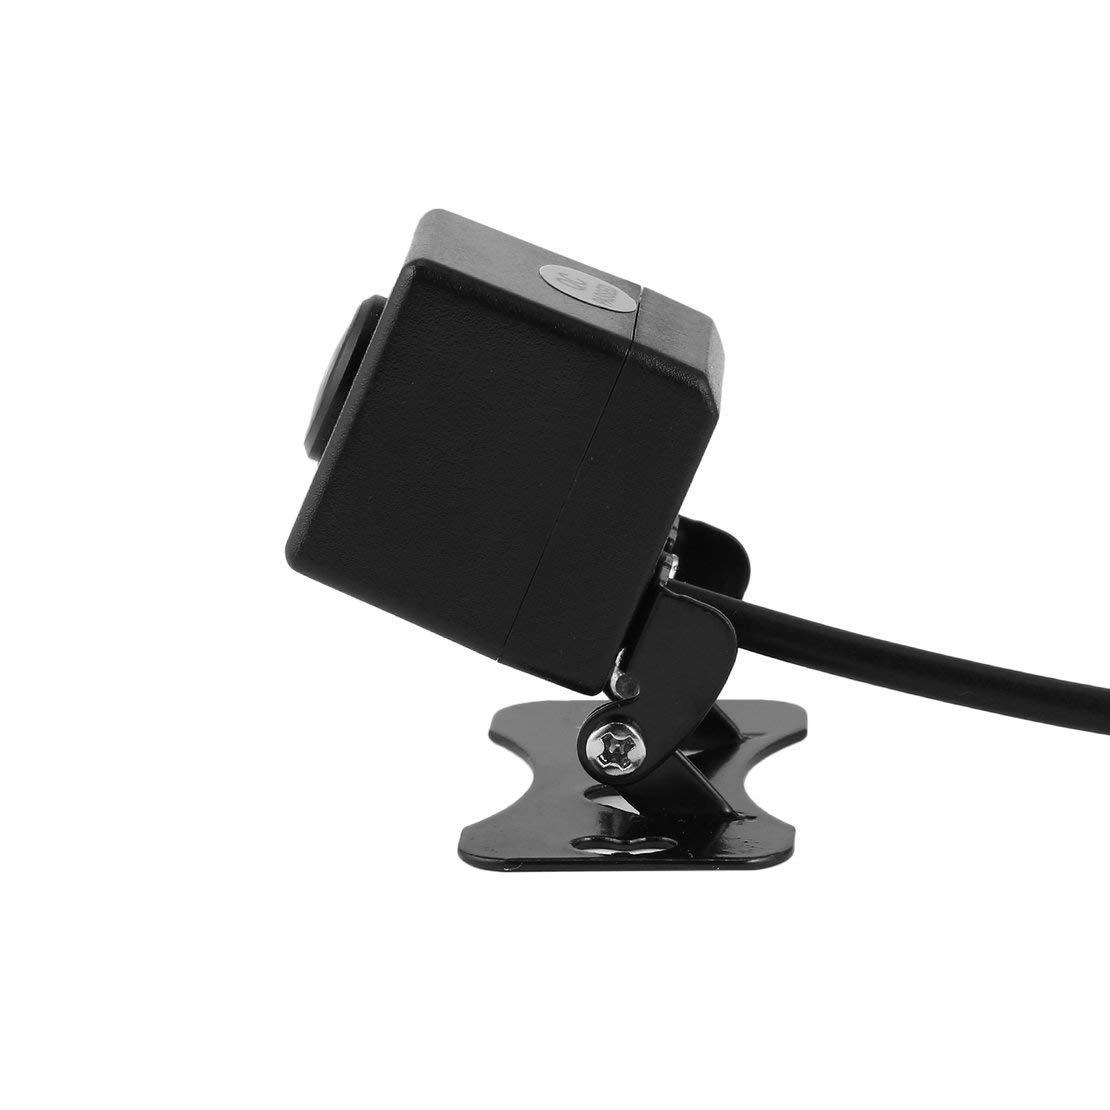 4 LED de la c/ámara de visi/ón Trasera HD Sistema de Aparcamiento de Reserva de autom/óvil Resistente al Agua 12V Kit de Ayuda de Marcha atr/ás del Coche con Monitor Plegable